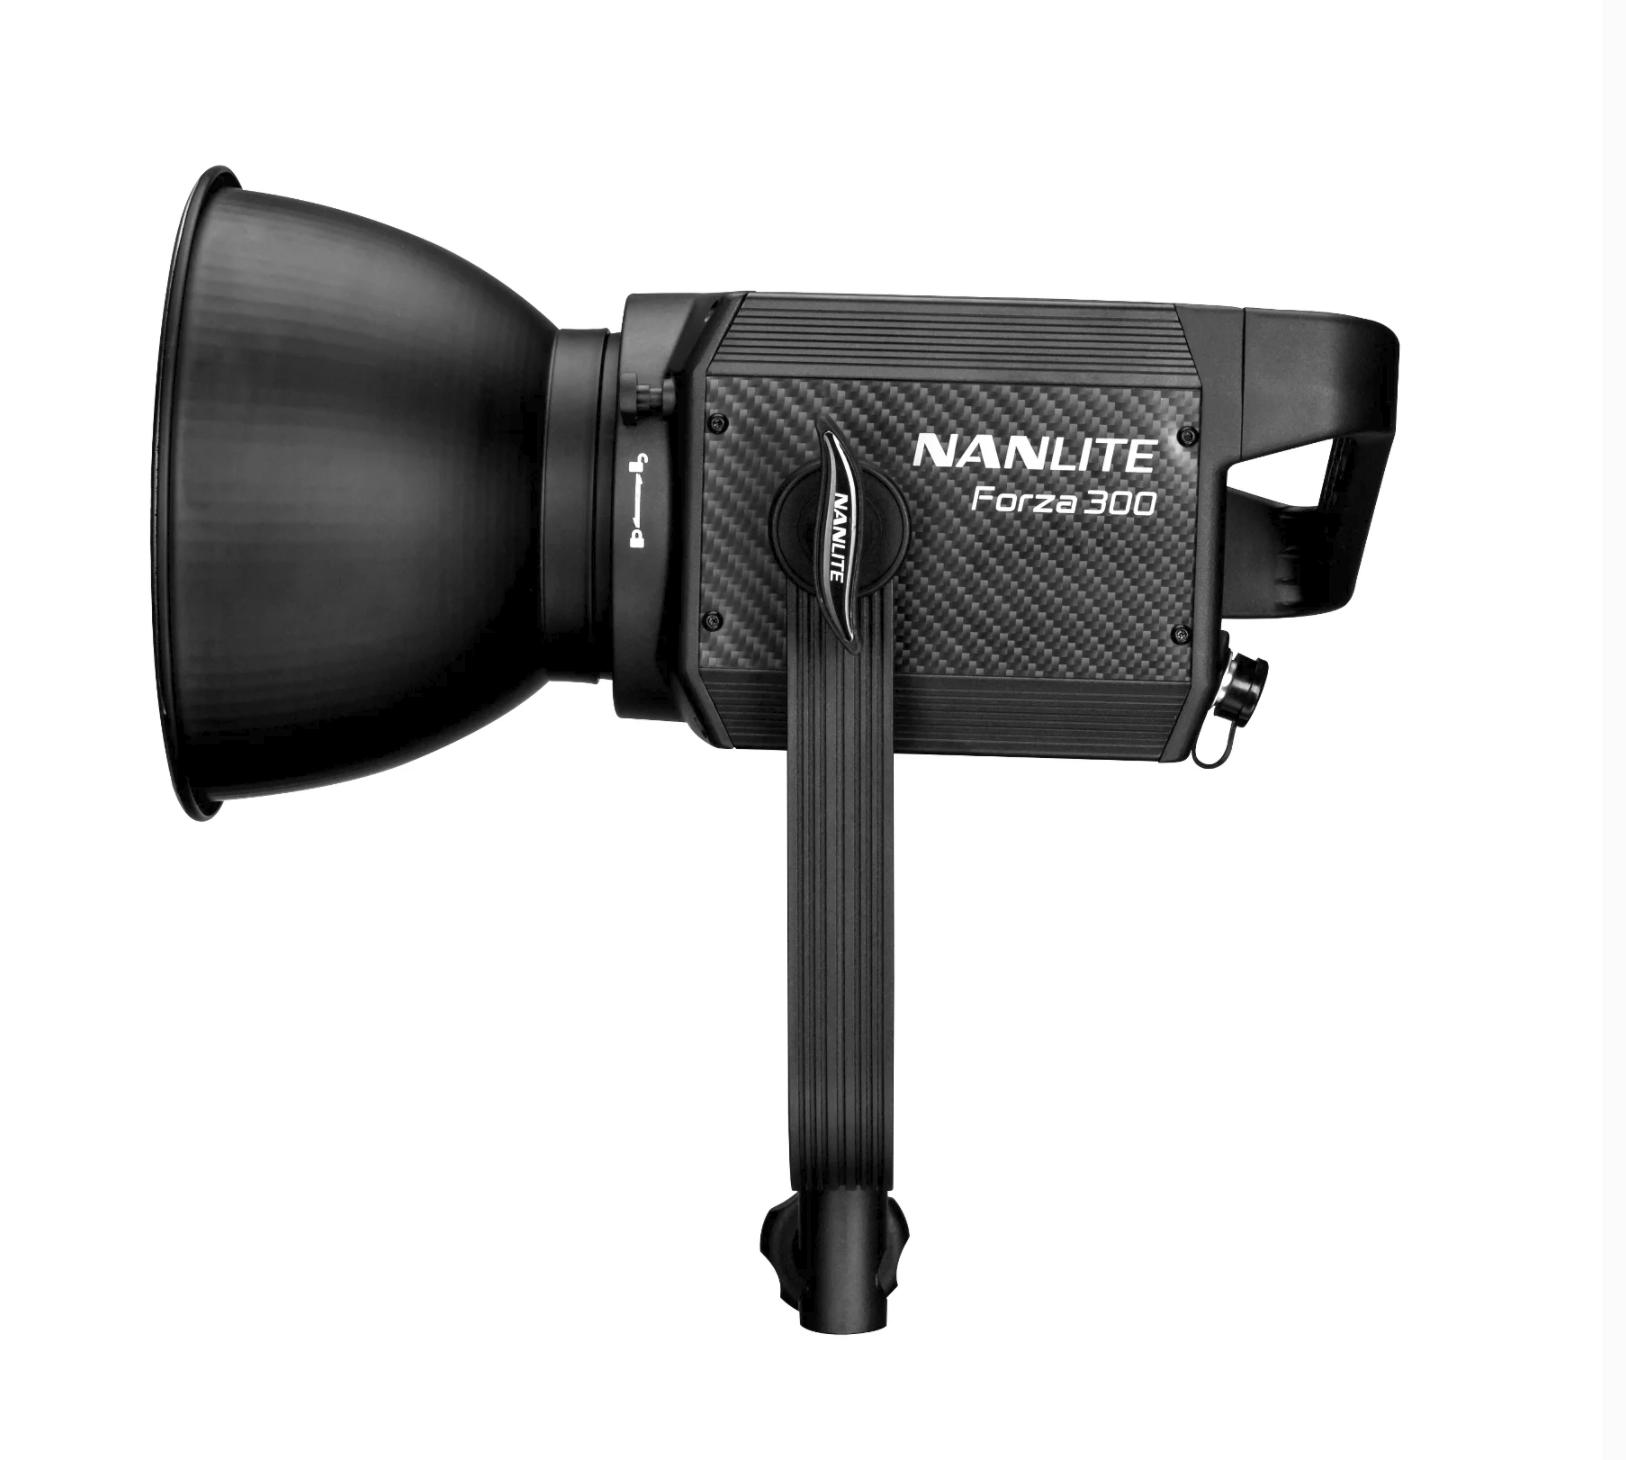 Nanlite forza 300 LED světlo (půjčovna)